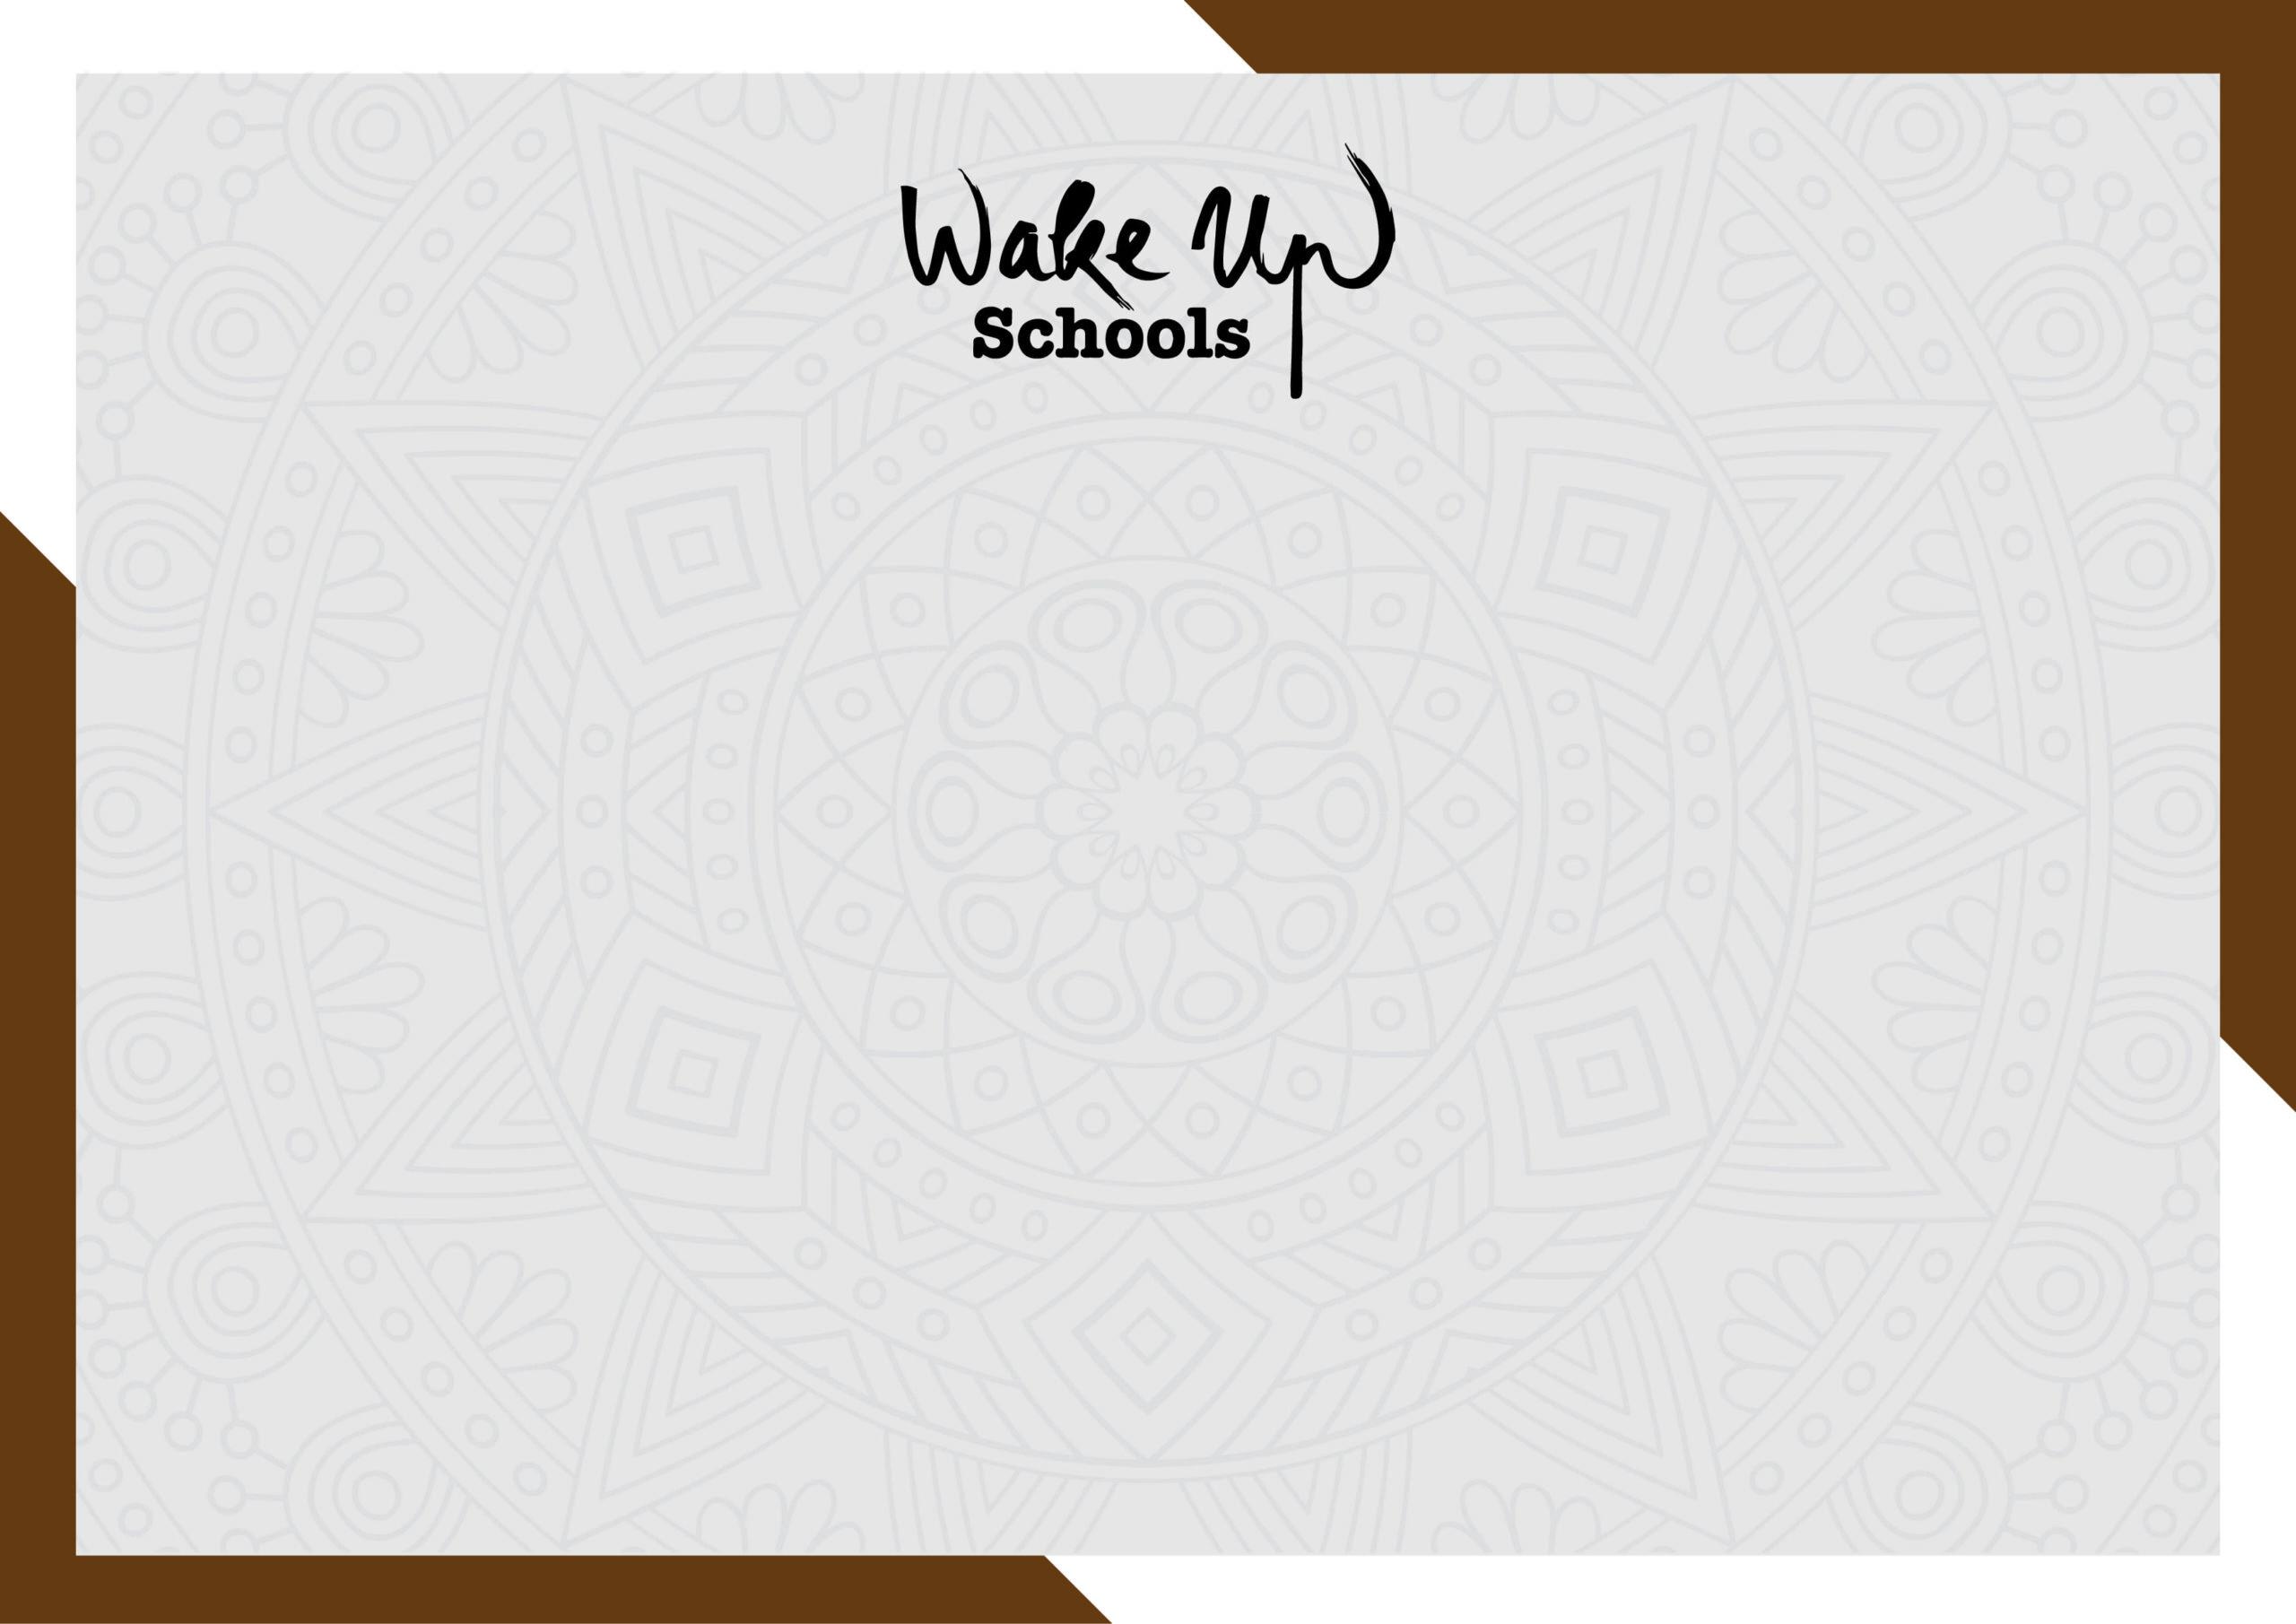 Attestato di partecipazione – Wake Up Schools